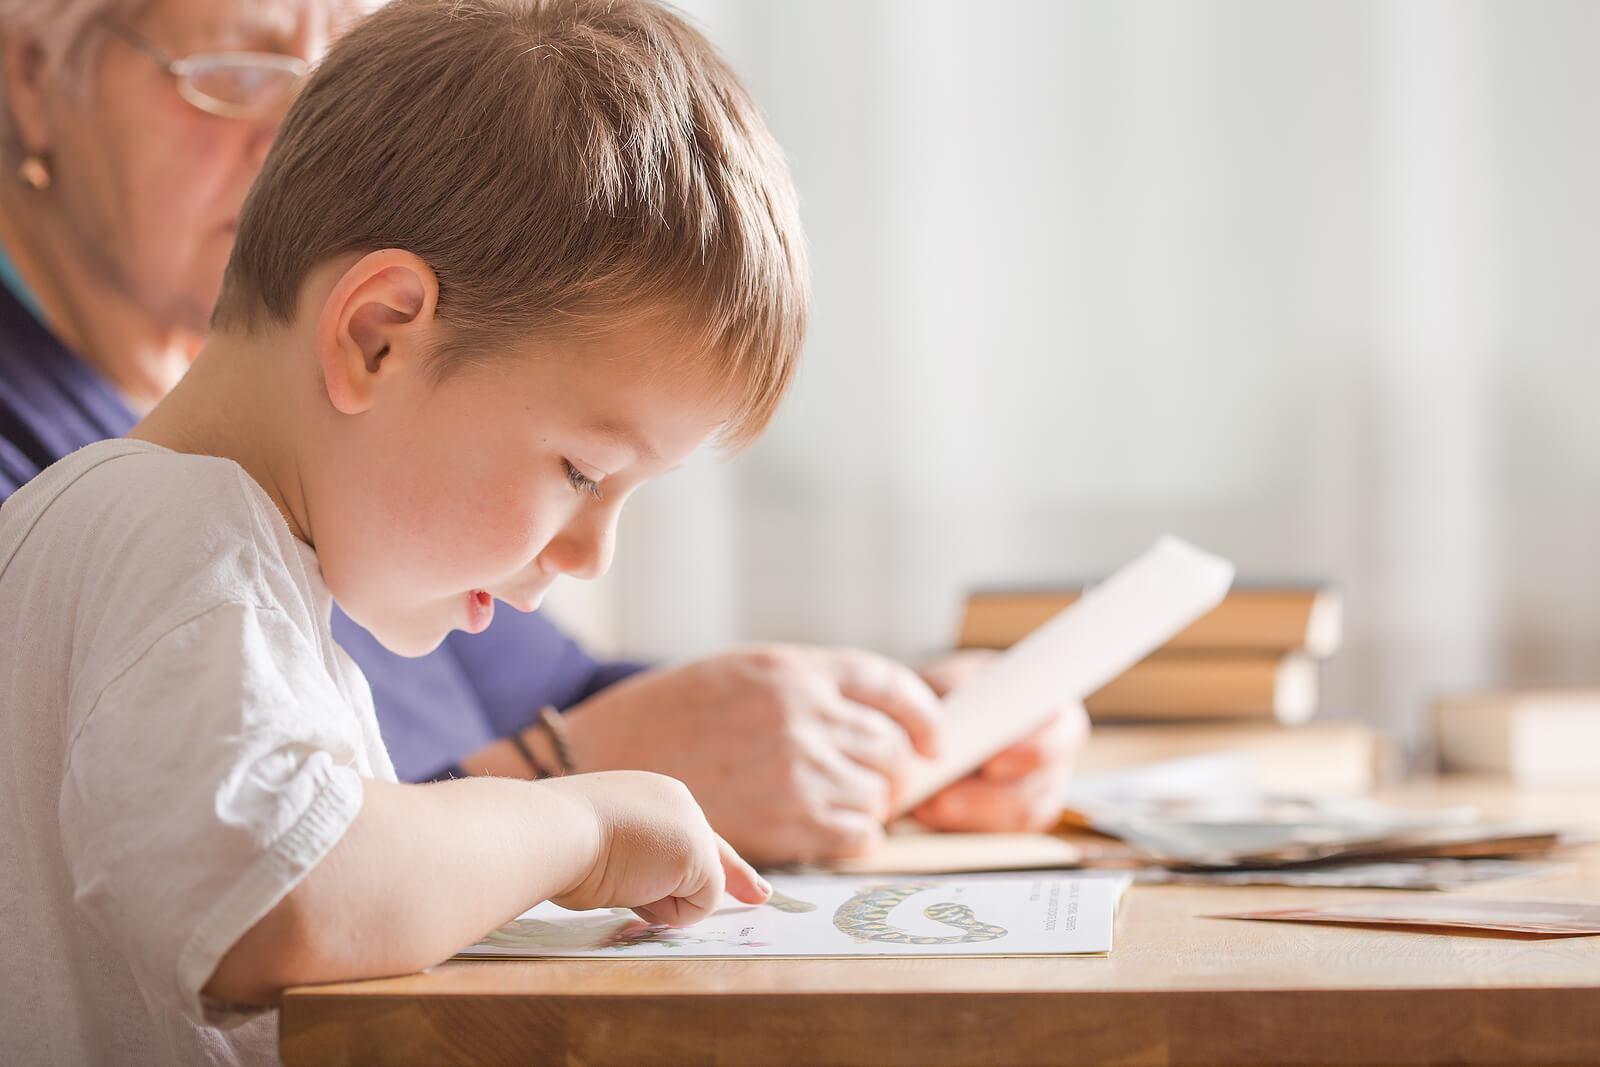 Niño aprendiendo a leer gracias a los métodos de enseñanza de la lectoescritura.